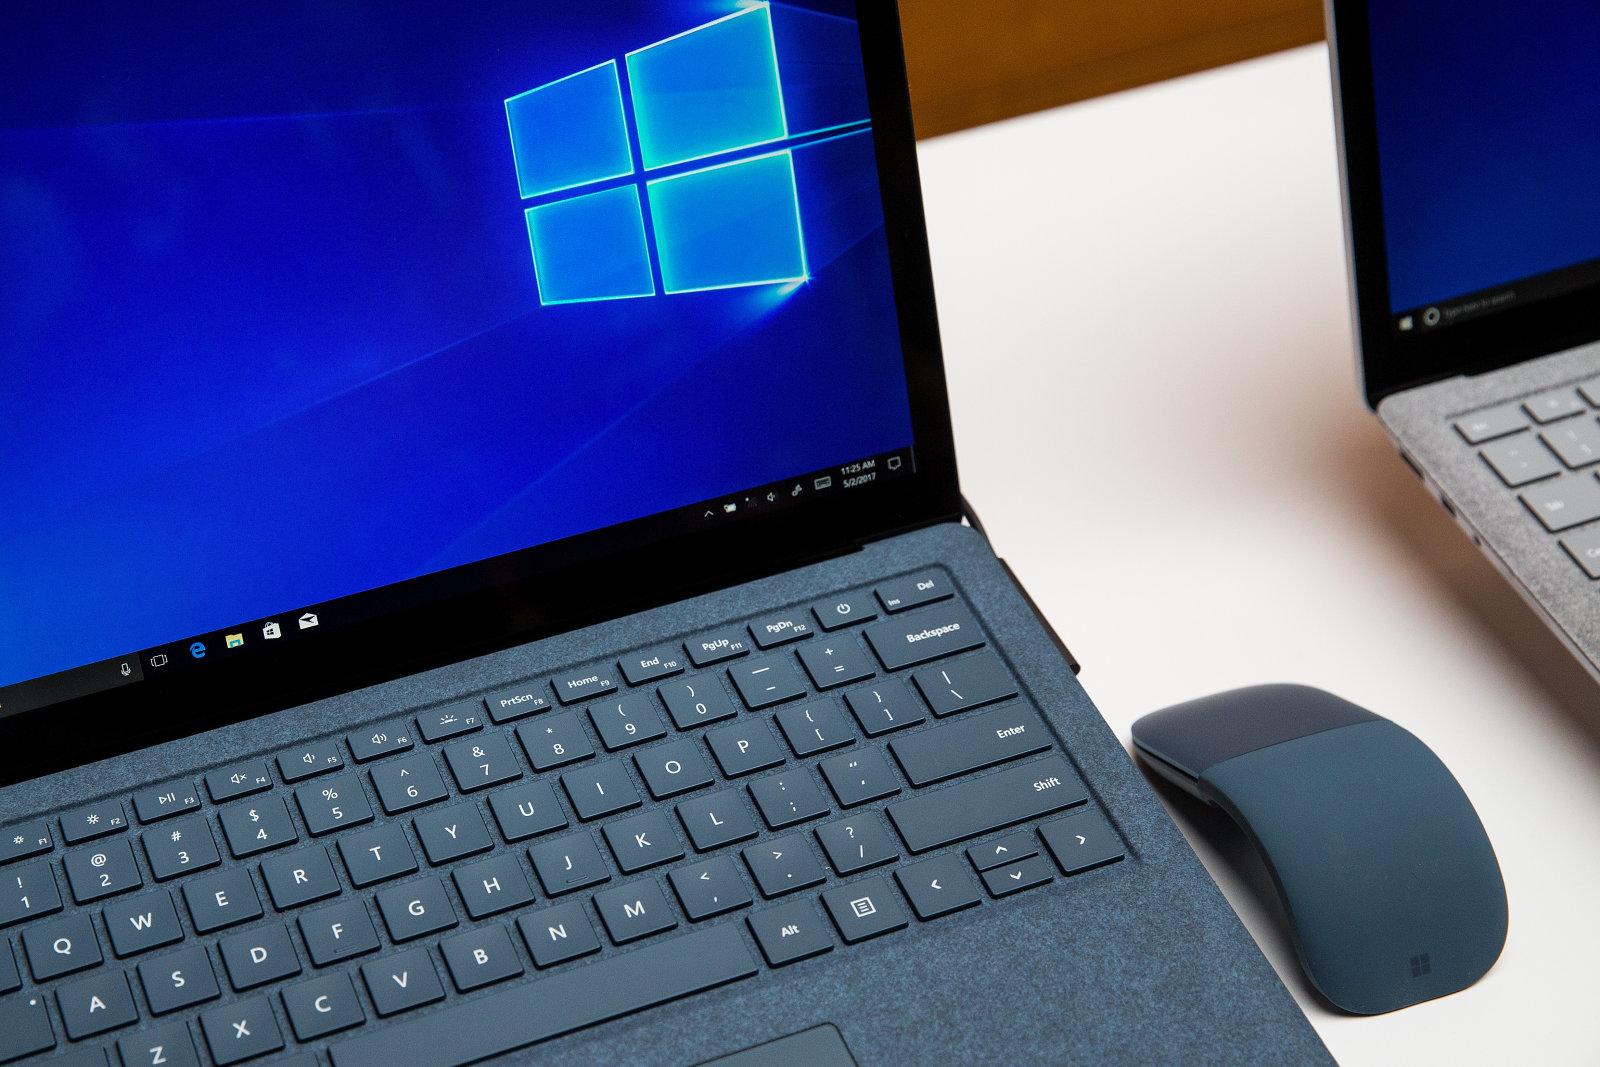 Microsoft Ciddi Bir Windows Defender Güvenlik Açığı Düzeltti, Hemen Güncelleyin!